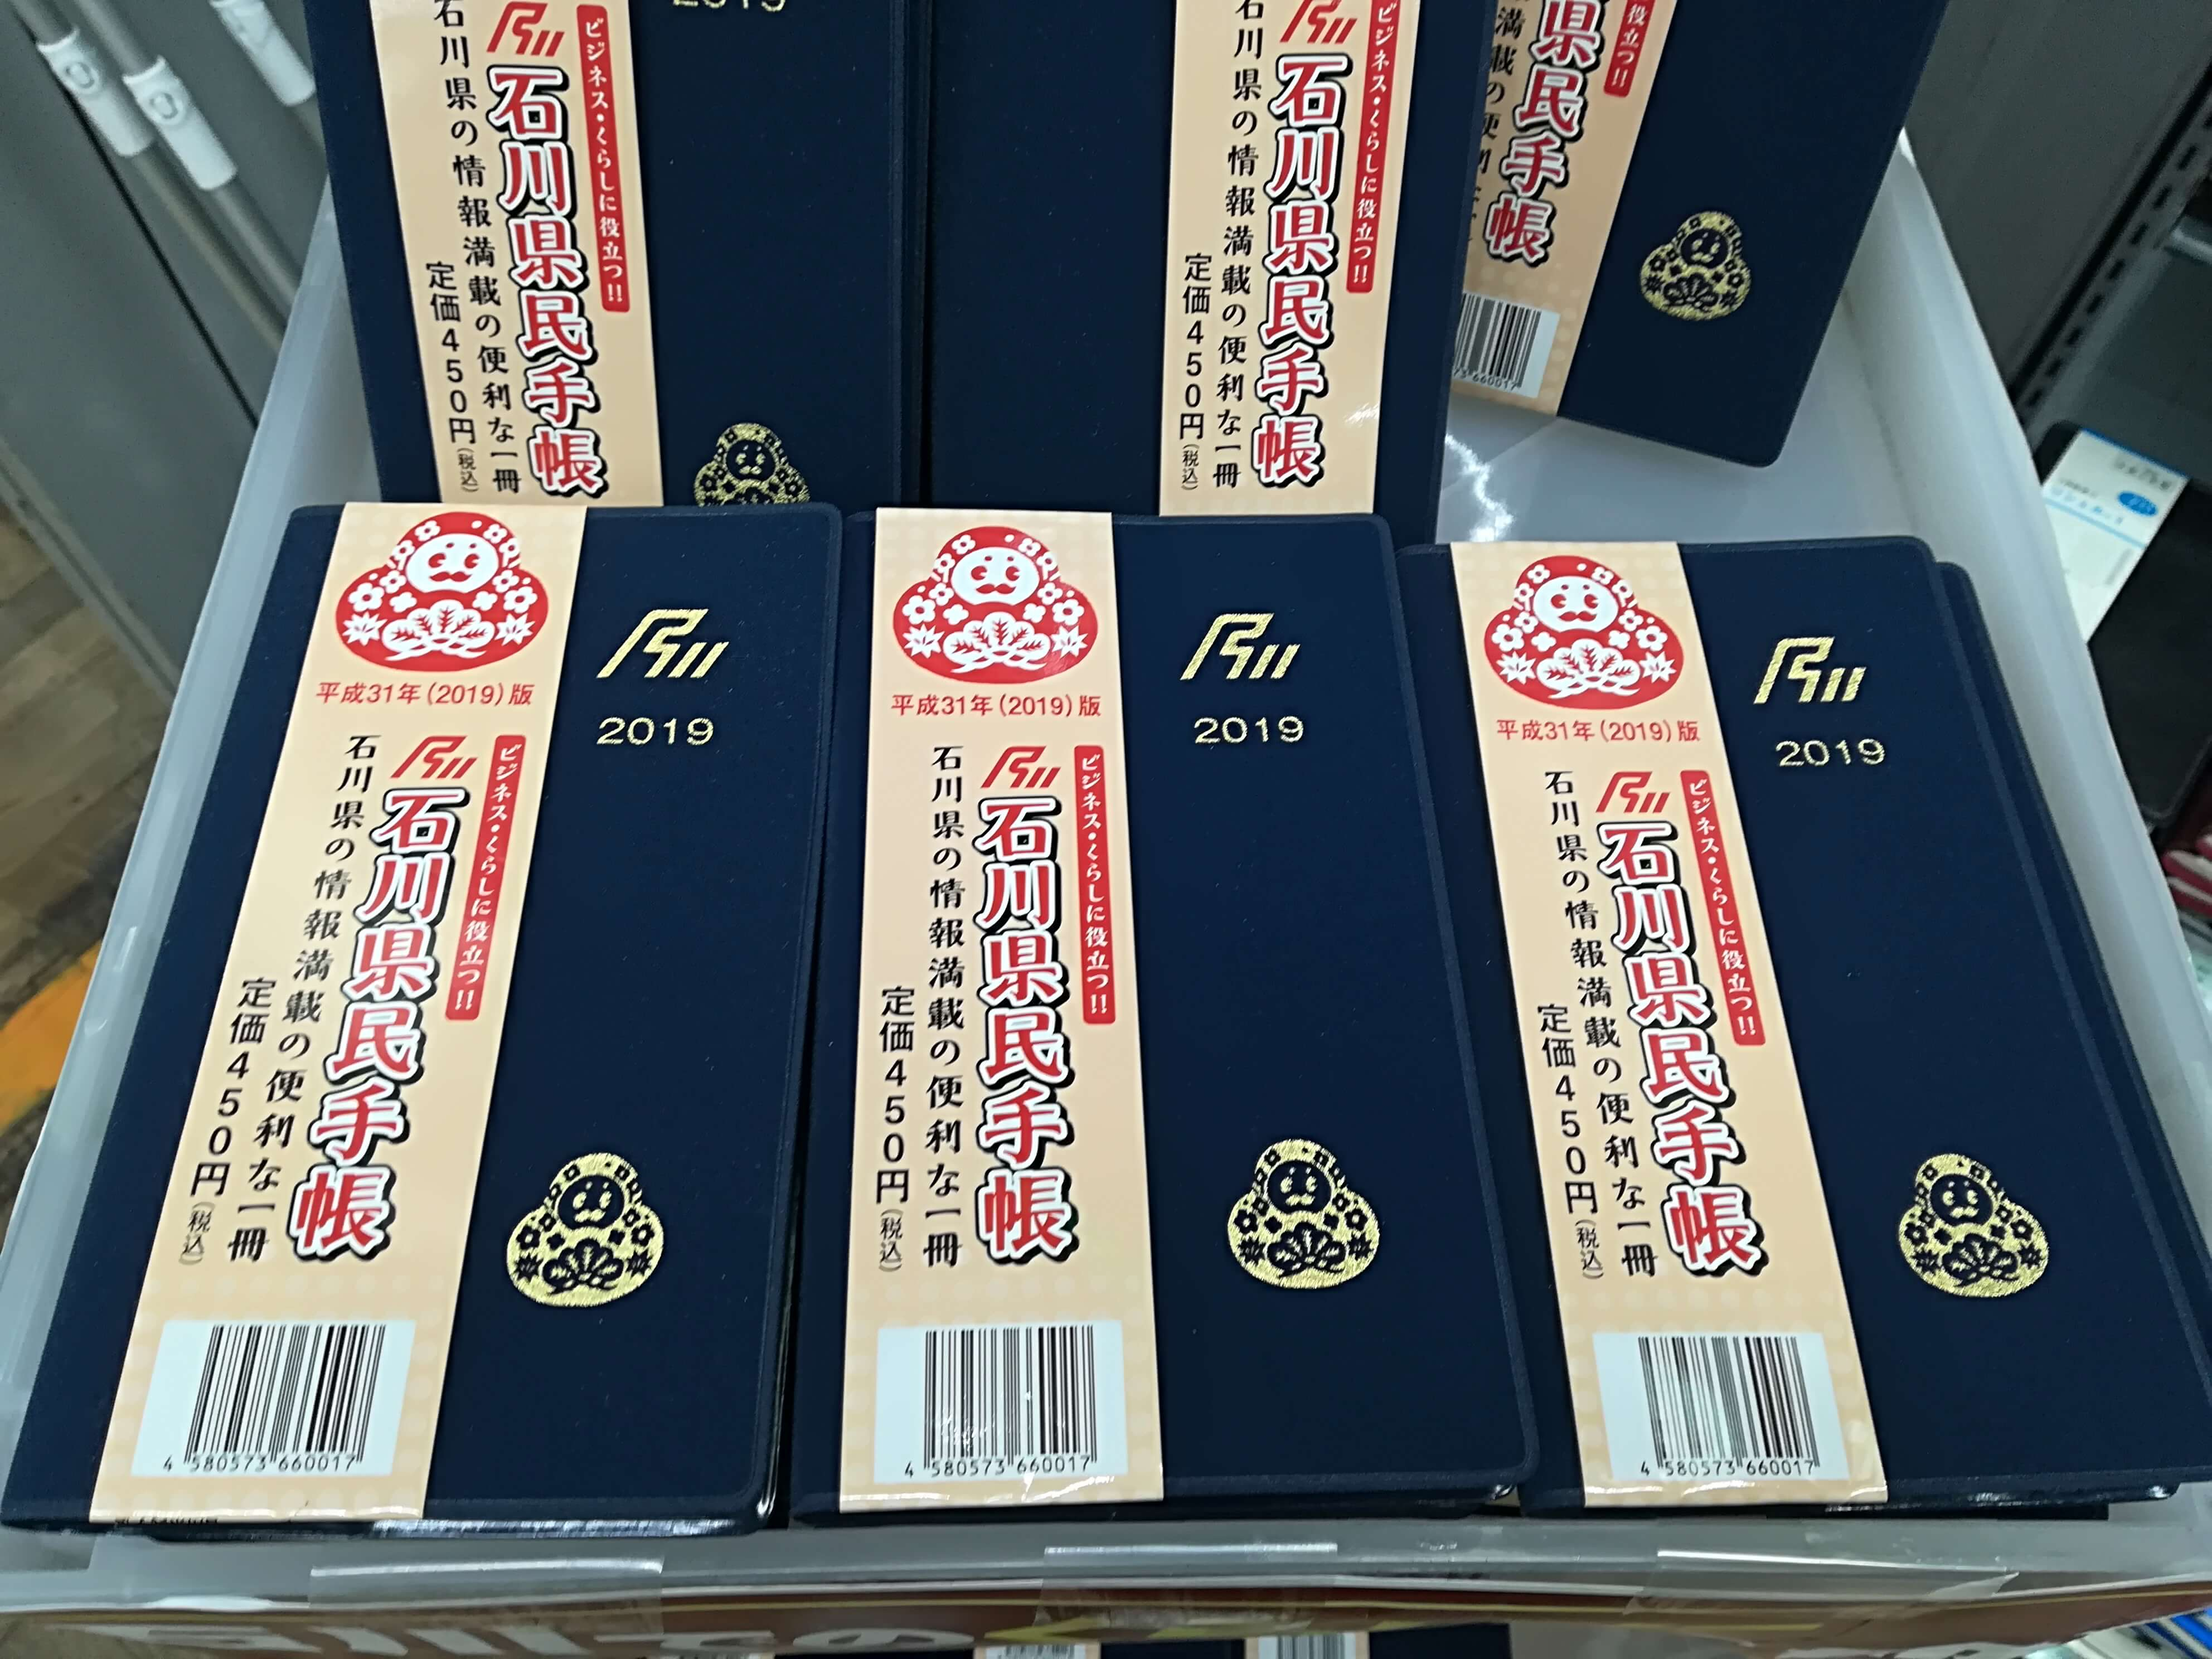 2019年の手帳は大丈夫ですか?『石川県民手帳』でビジネスも石川県のイベント情報も丸分かりでオススメよ♪